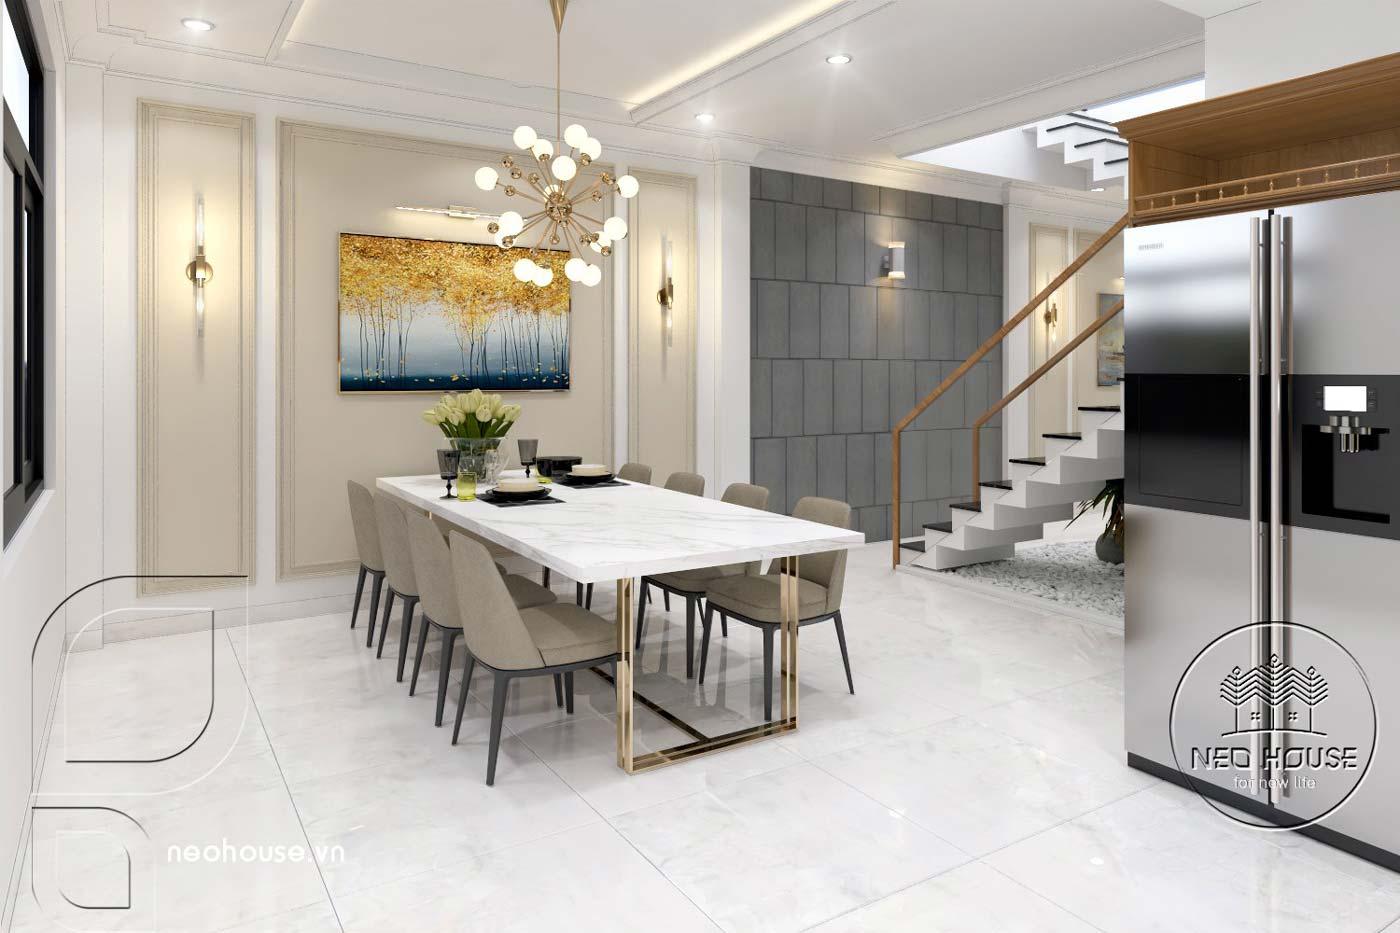 Thiết kế thi công cải tạo nhà phố 3 tầng với không gian nội thất phòng bếp + ăn. Ảnh 2